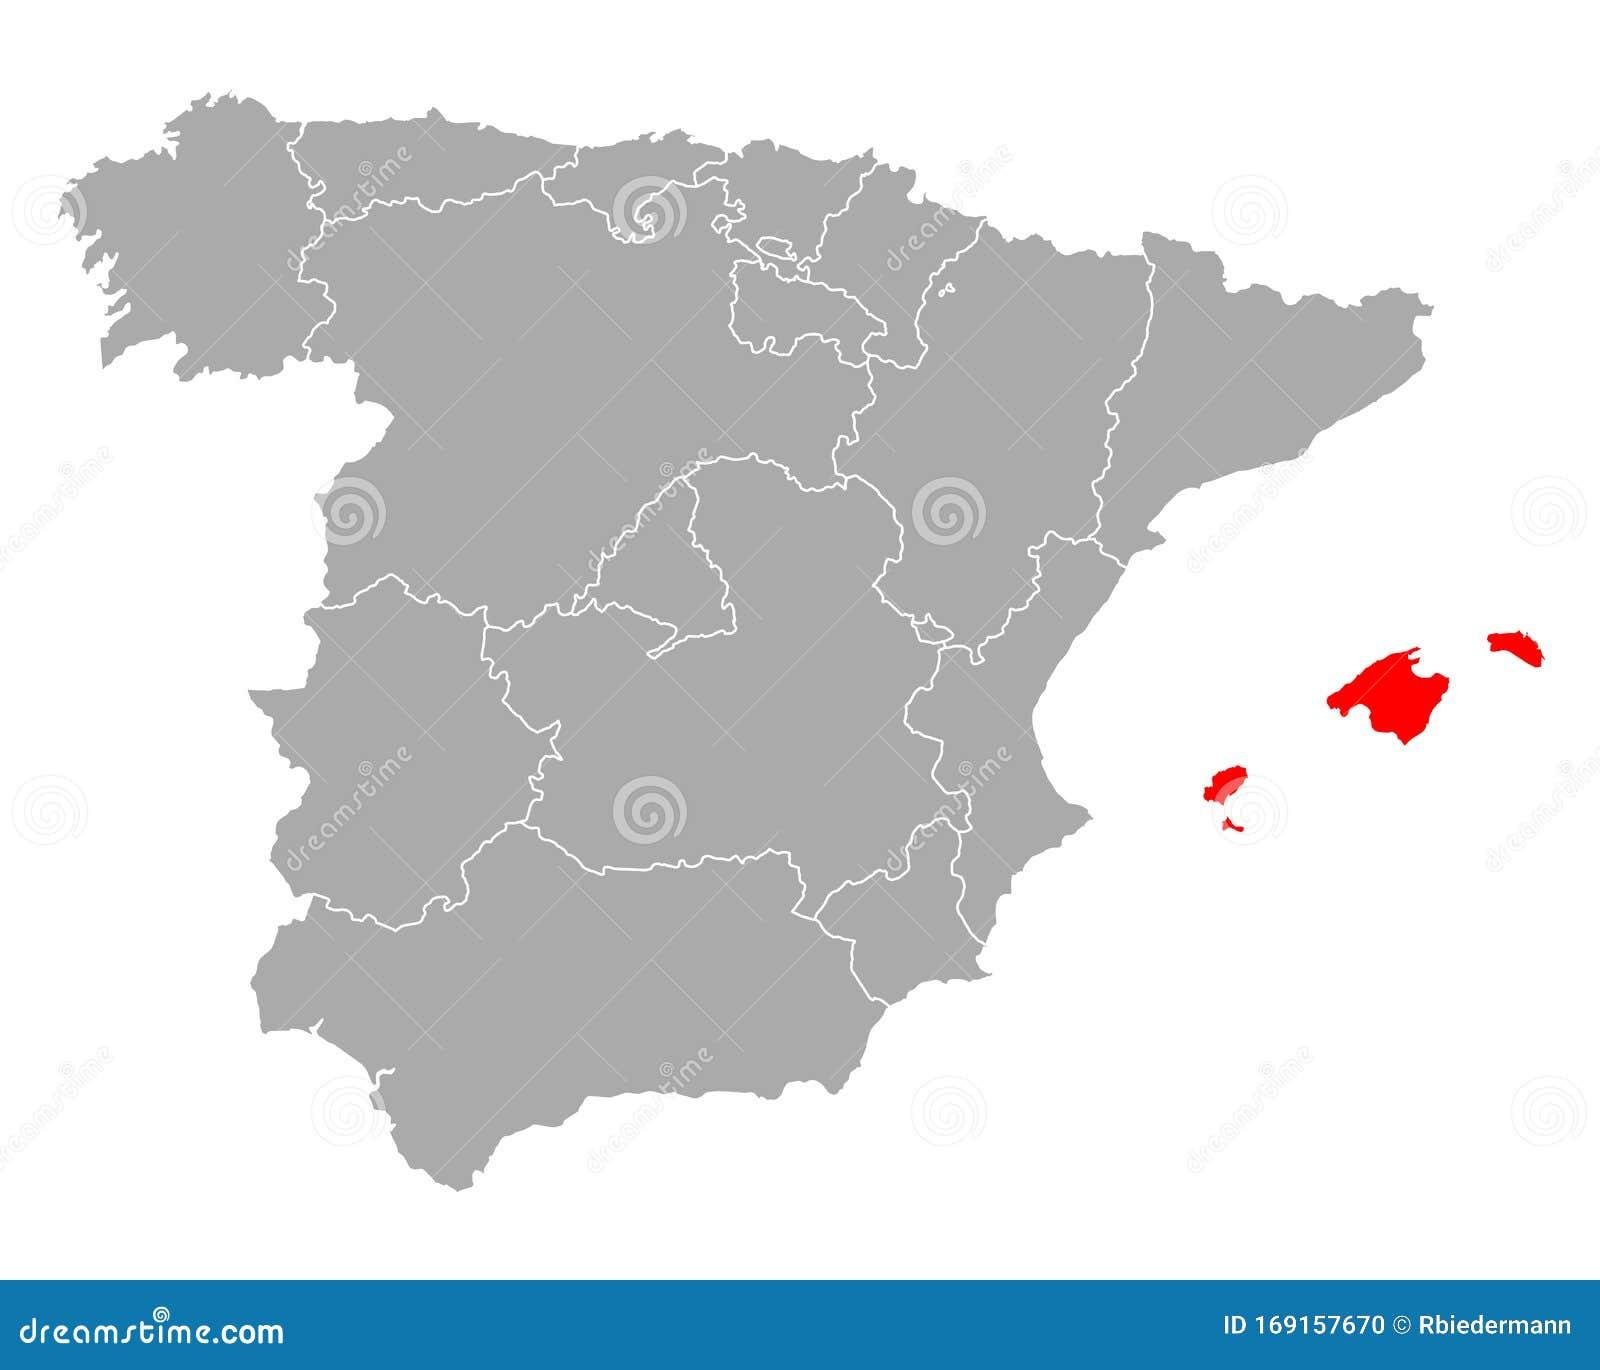 Cartina Spagna Isole Baleari.Mappa Delle Isole Baleari In Spagna Illustrazione Vettoriale Illustrazione Di Regione Spruzzo 169157670